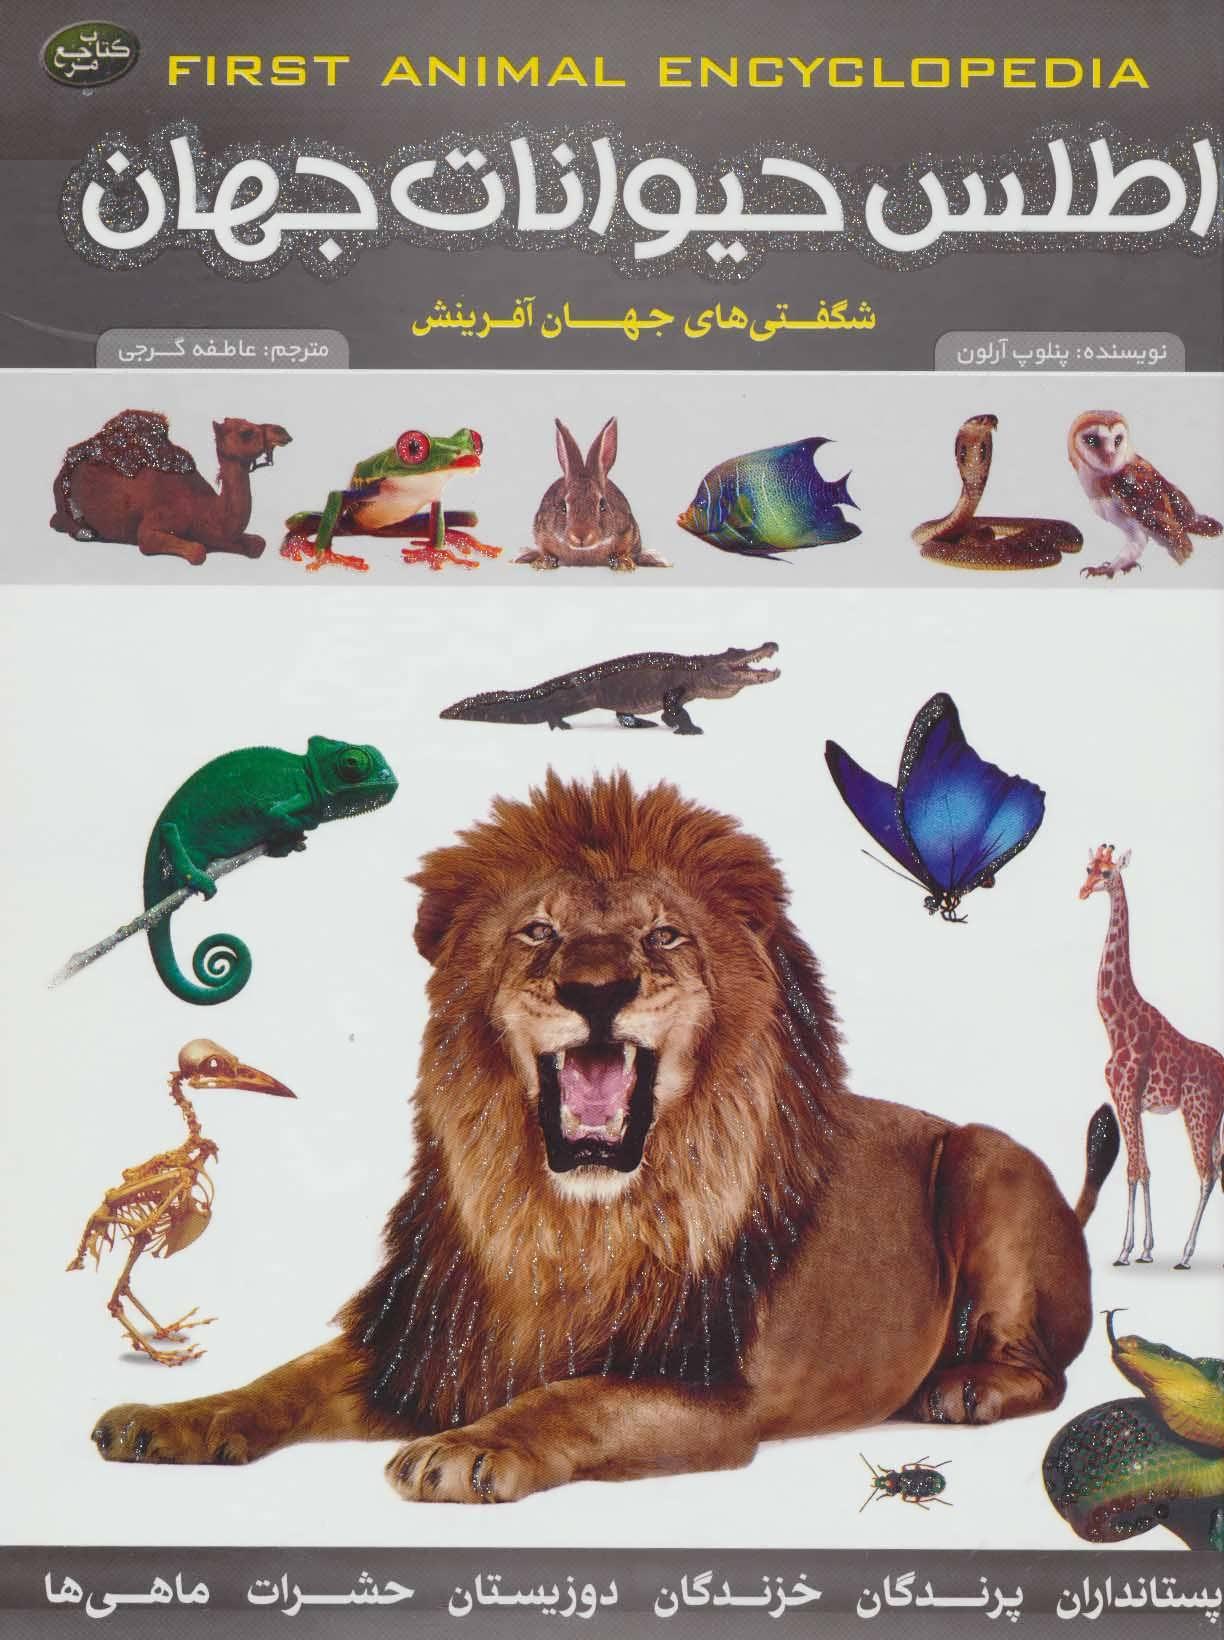 اطلس حیوانات جهان (شگفتی های جهان آفرینش)